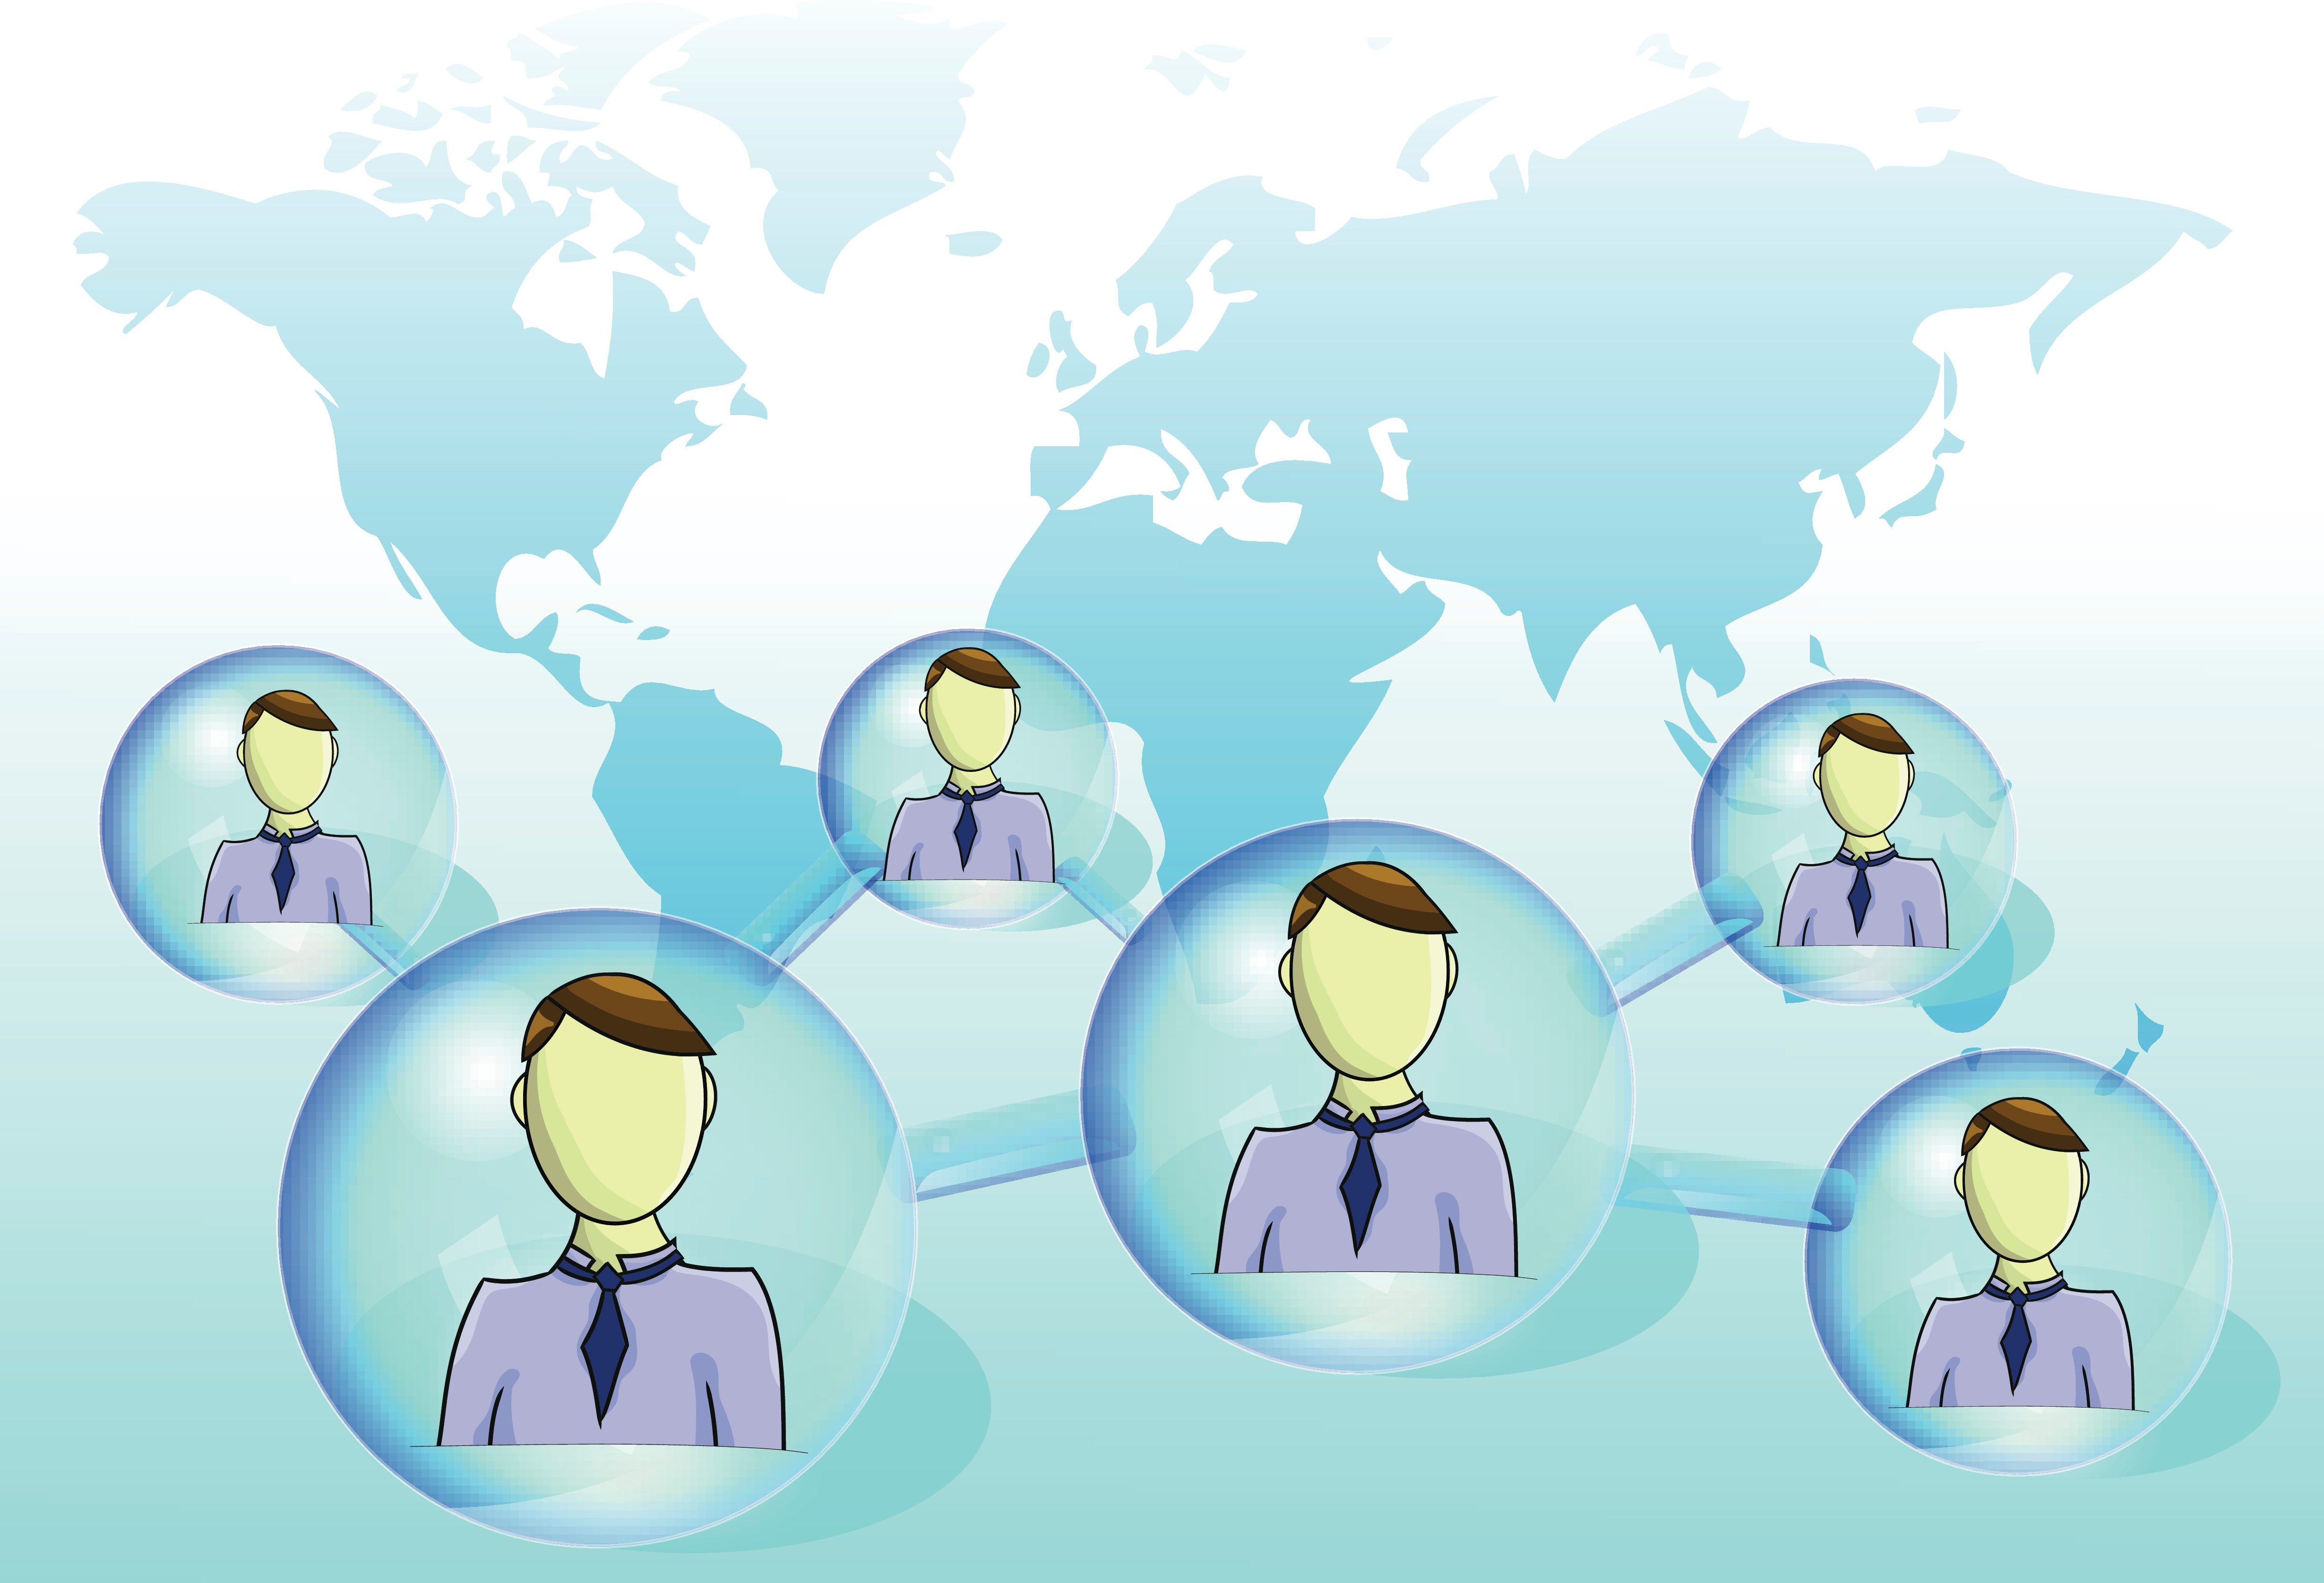 Cómo utilizar LinkedIn: 34consejos para crear conexiones profesionales y de marketing